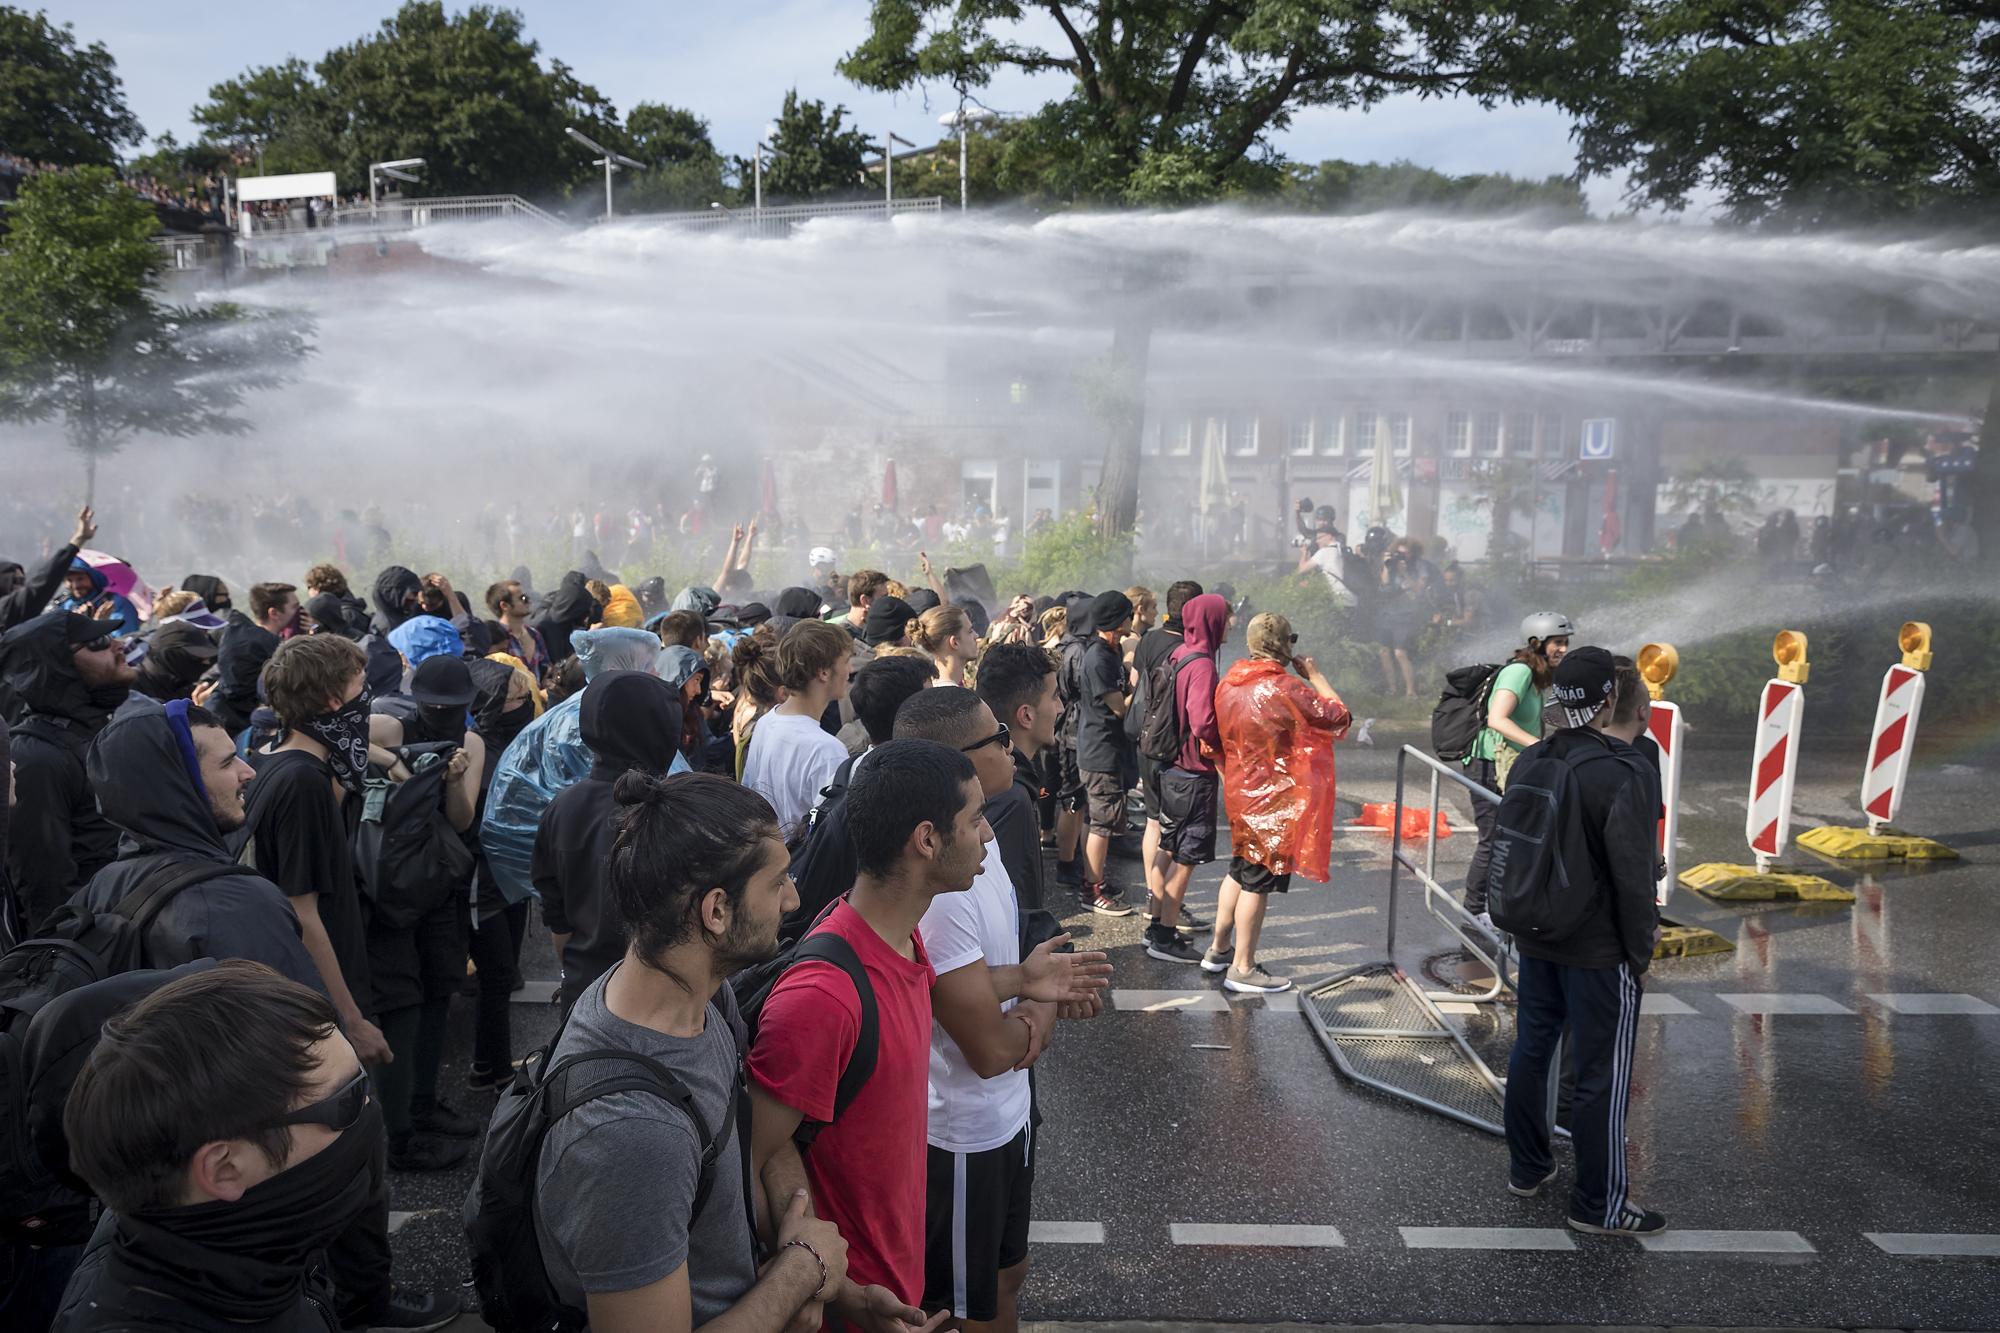 Demonstranten stellen sich am 07/07/2017 an den Landungsbrücken in Hamburg dem Strahl eines Wasserwerfers entgegen. Foto Florian Schuh